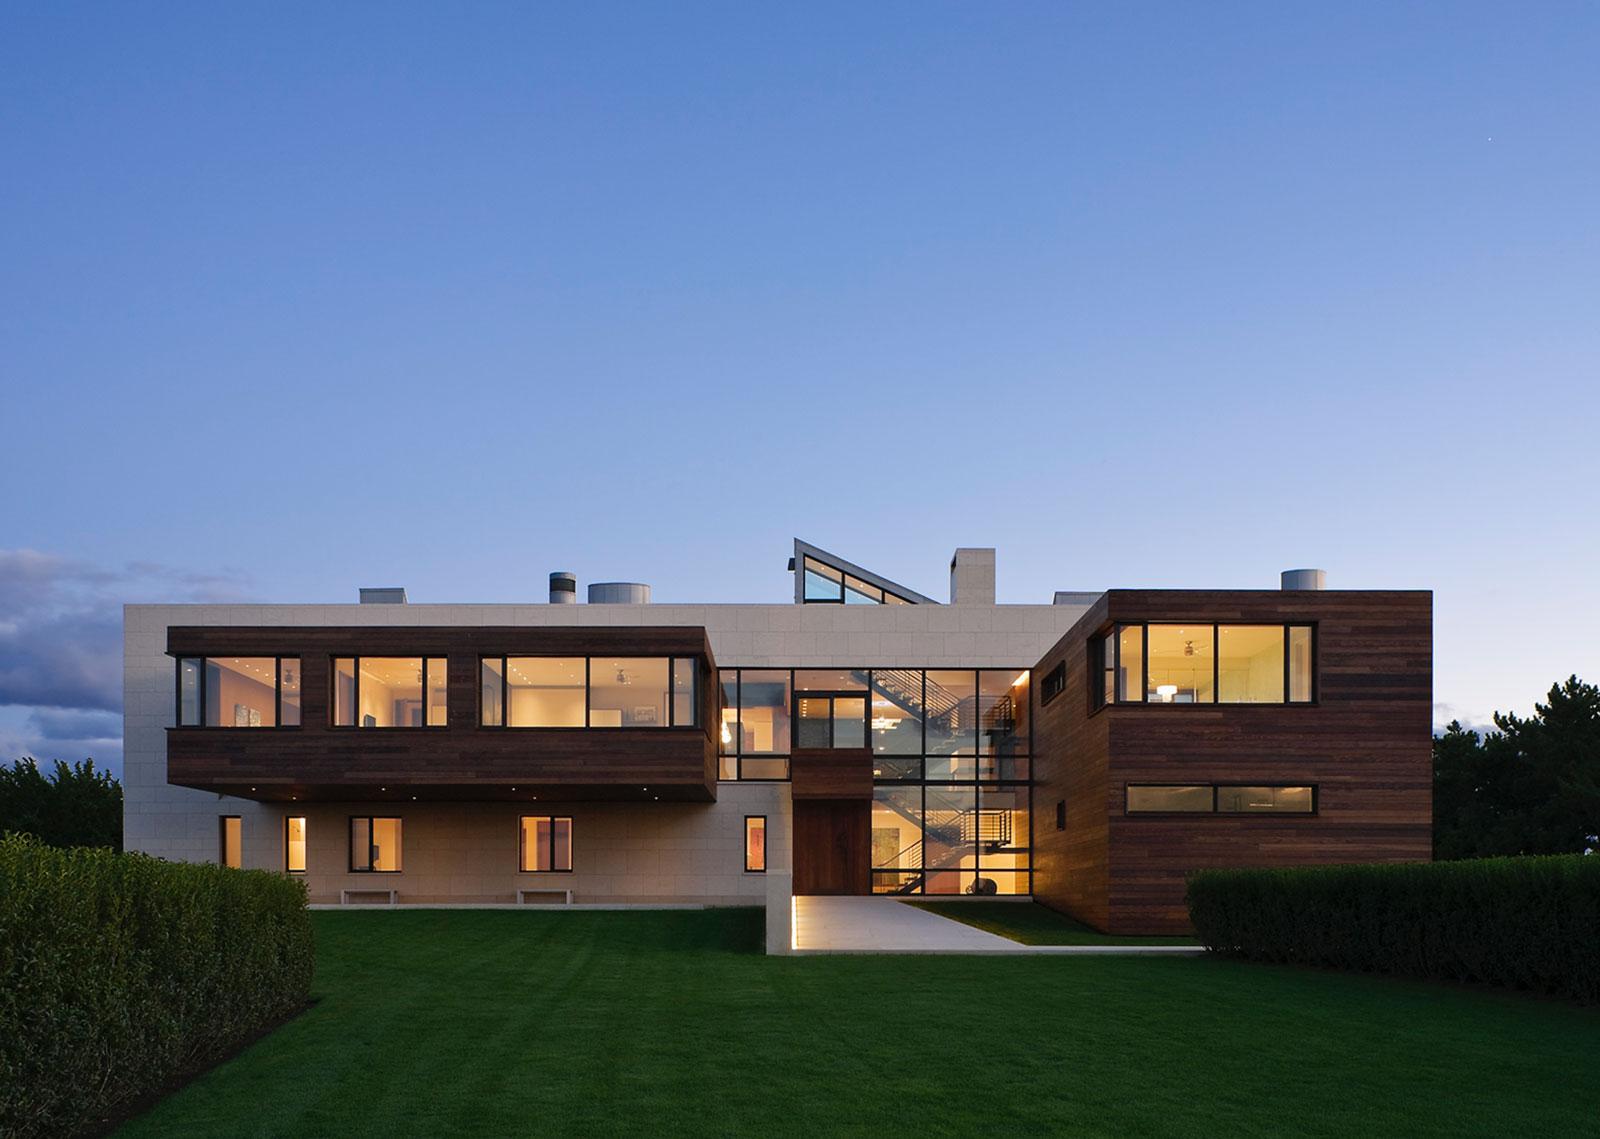 Alexander Gorlin Architectsu0027 Southampton Beach House (2006 2009),  Southampton, New